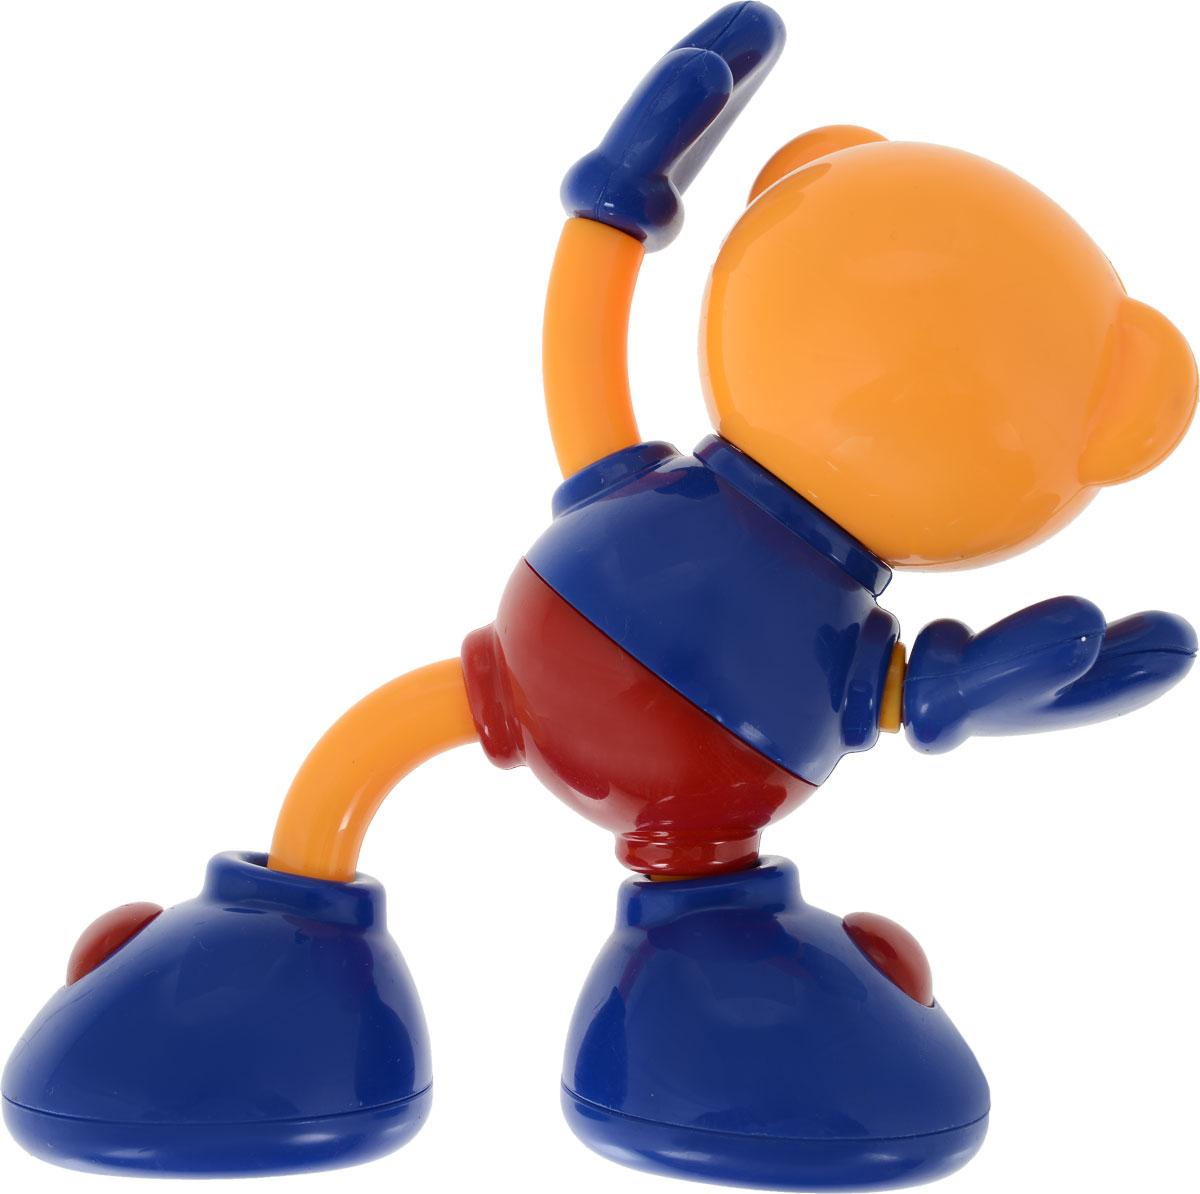 Ути-Пути Развивающая игрушка Медвежонок цвет оранжевый Ути-Пути